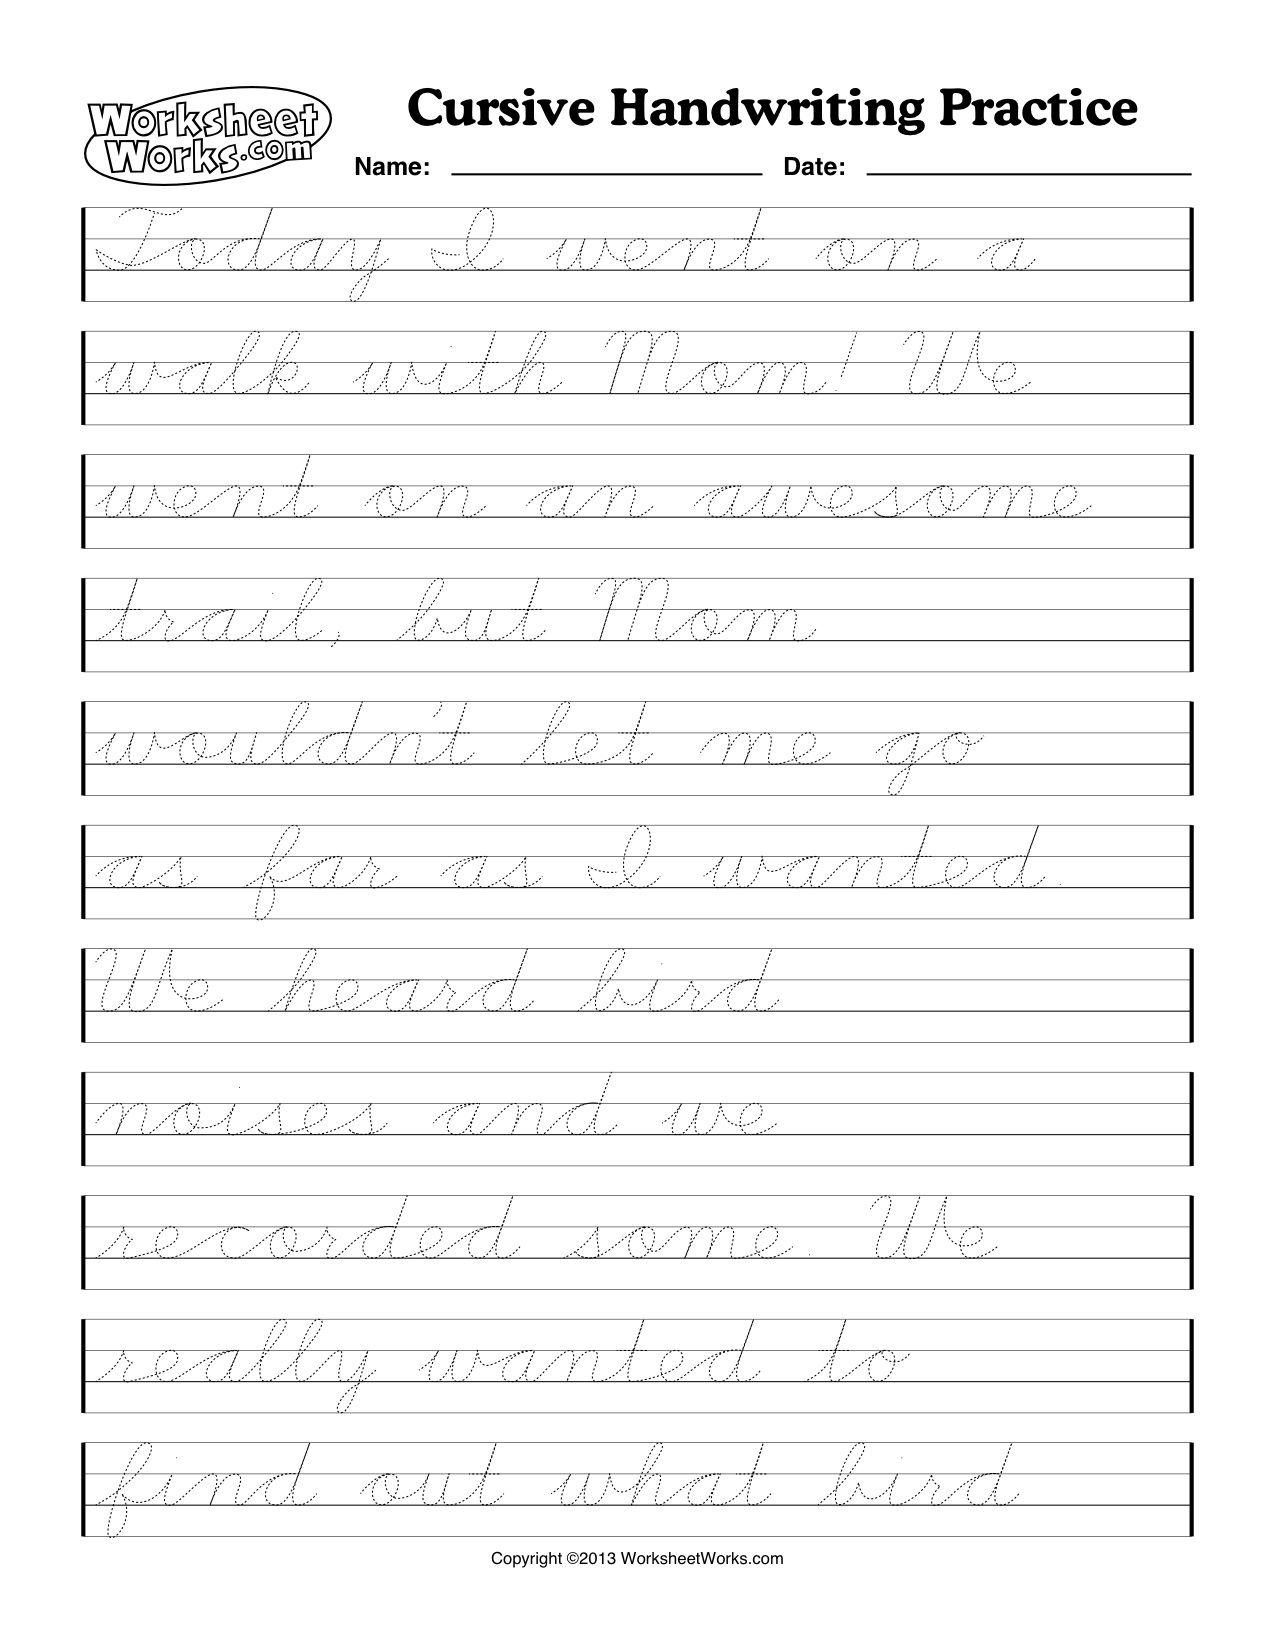 Printable Cursive Writing Paper - Koran.sticken.co | Printable Cursive Handwriting Worksheet Generator